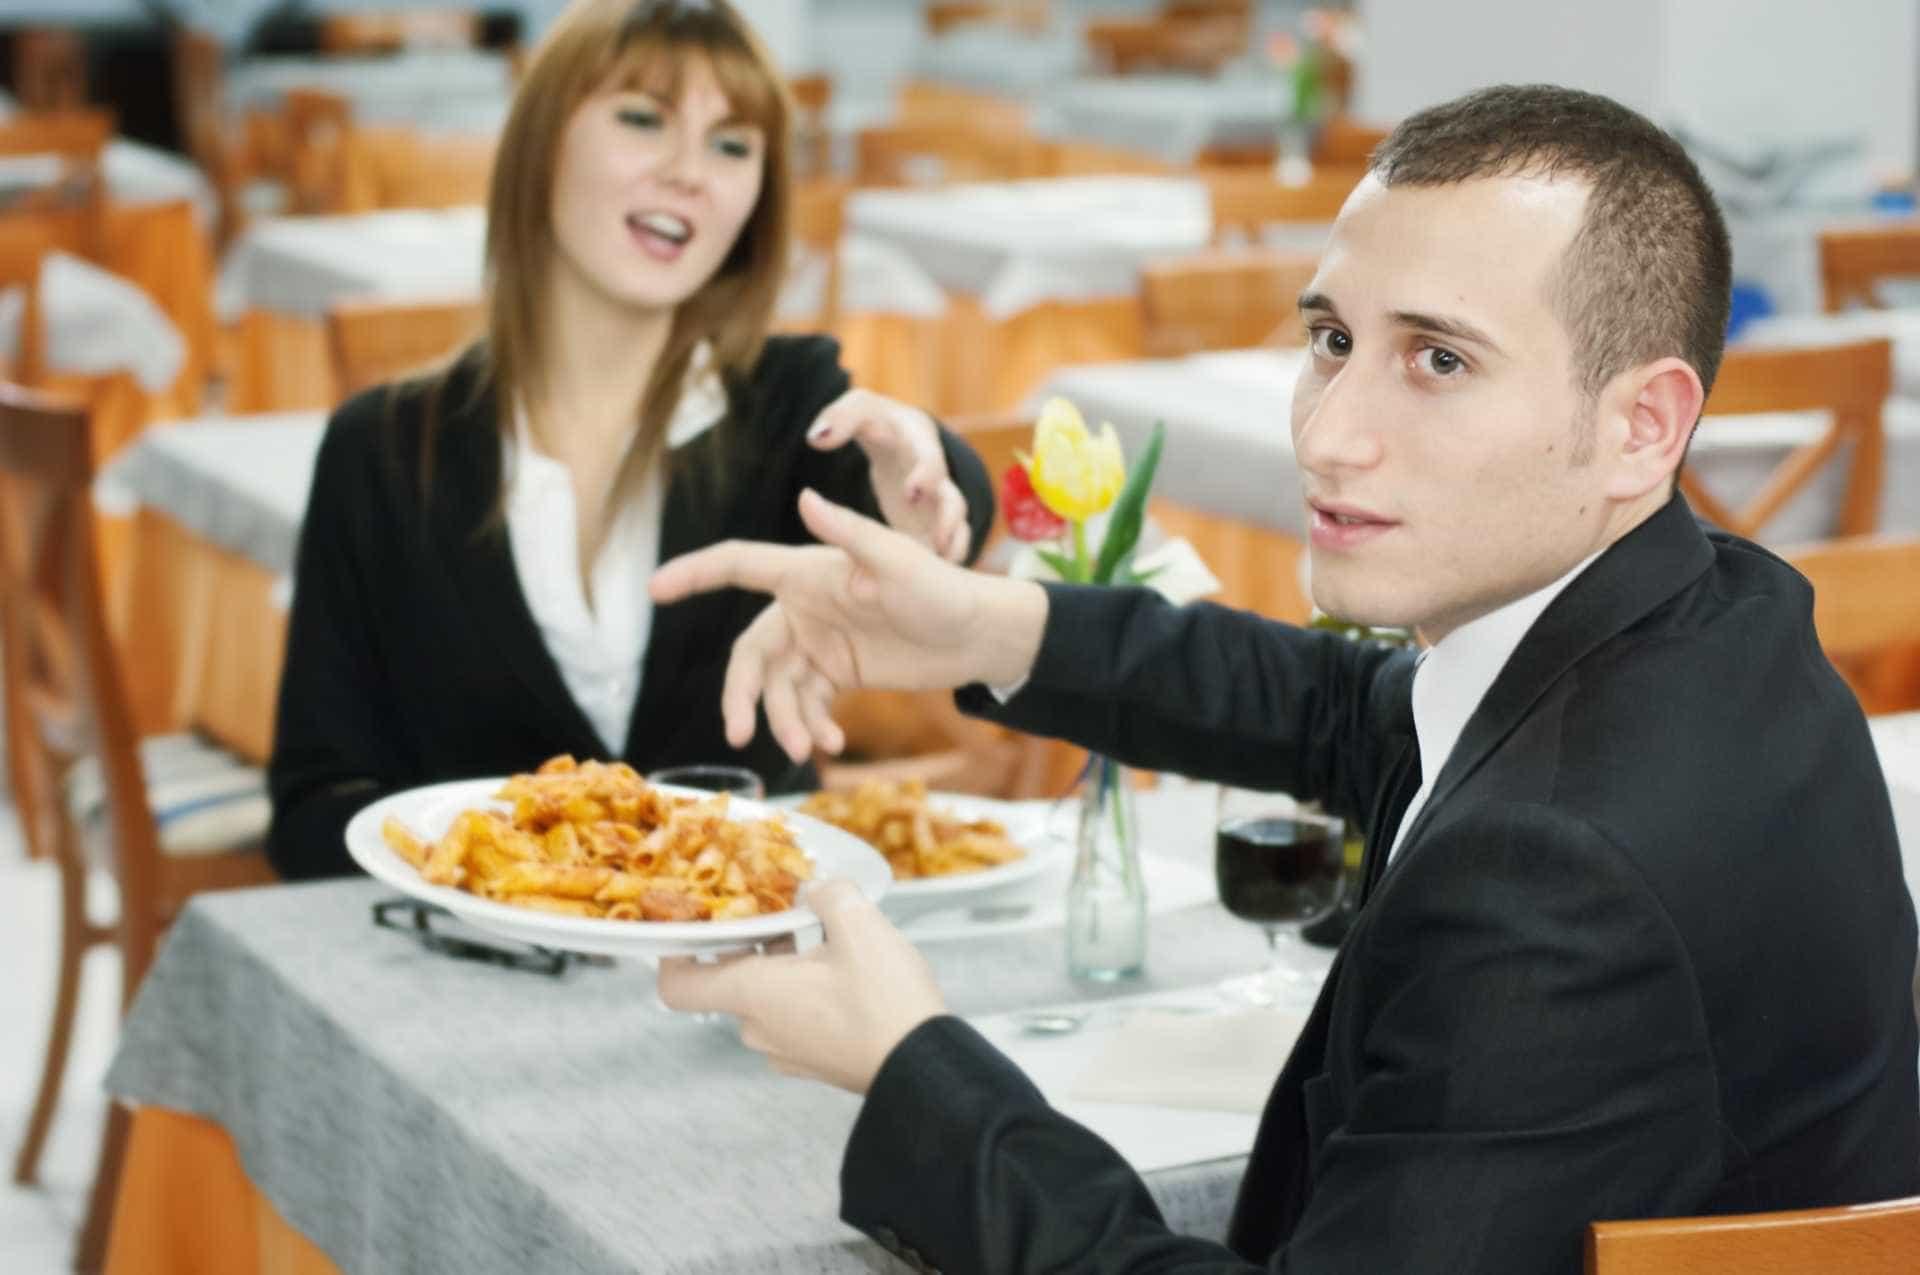 Truques para manipular clientes nos restaurantes -